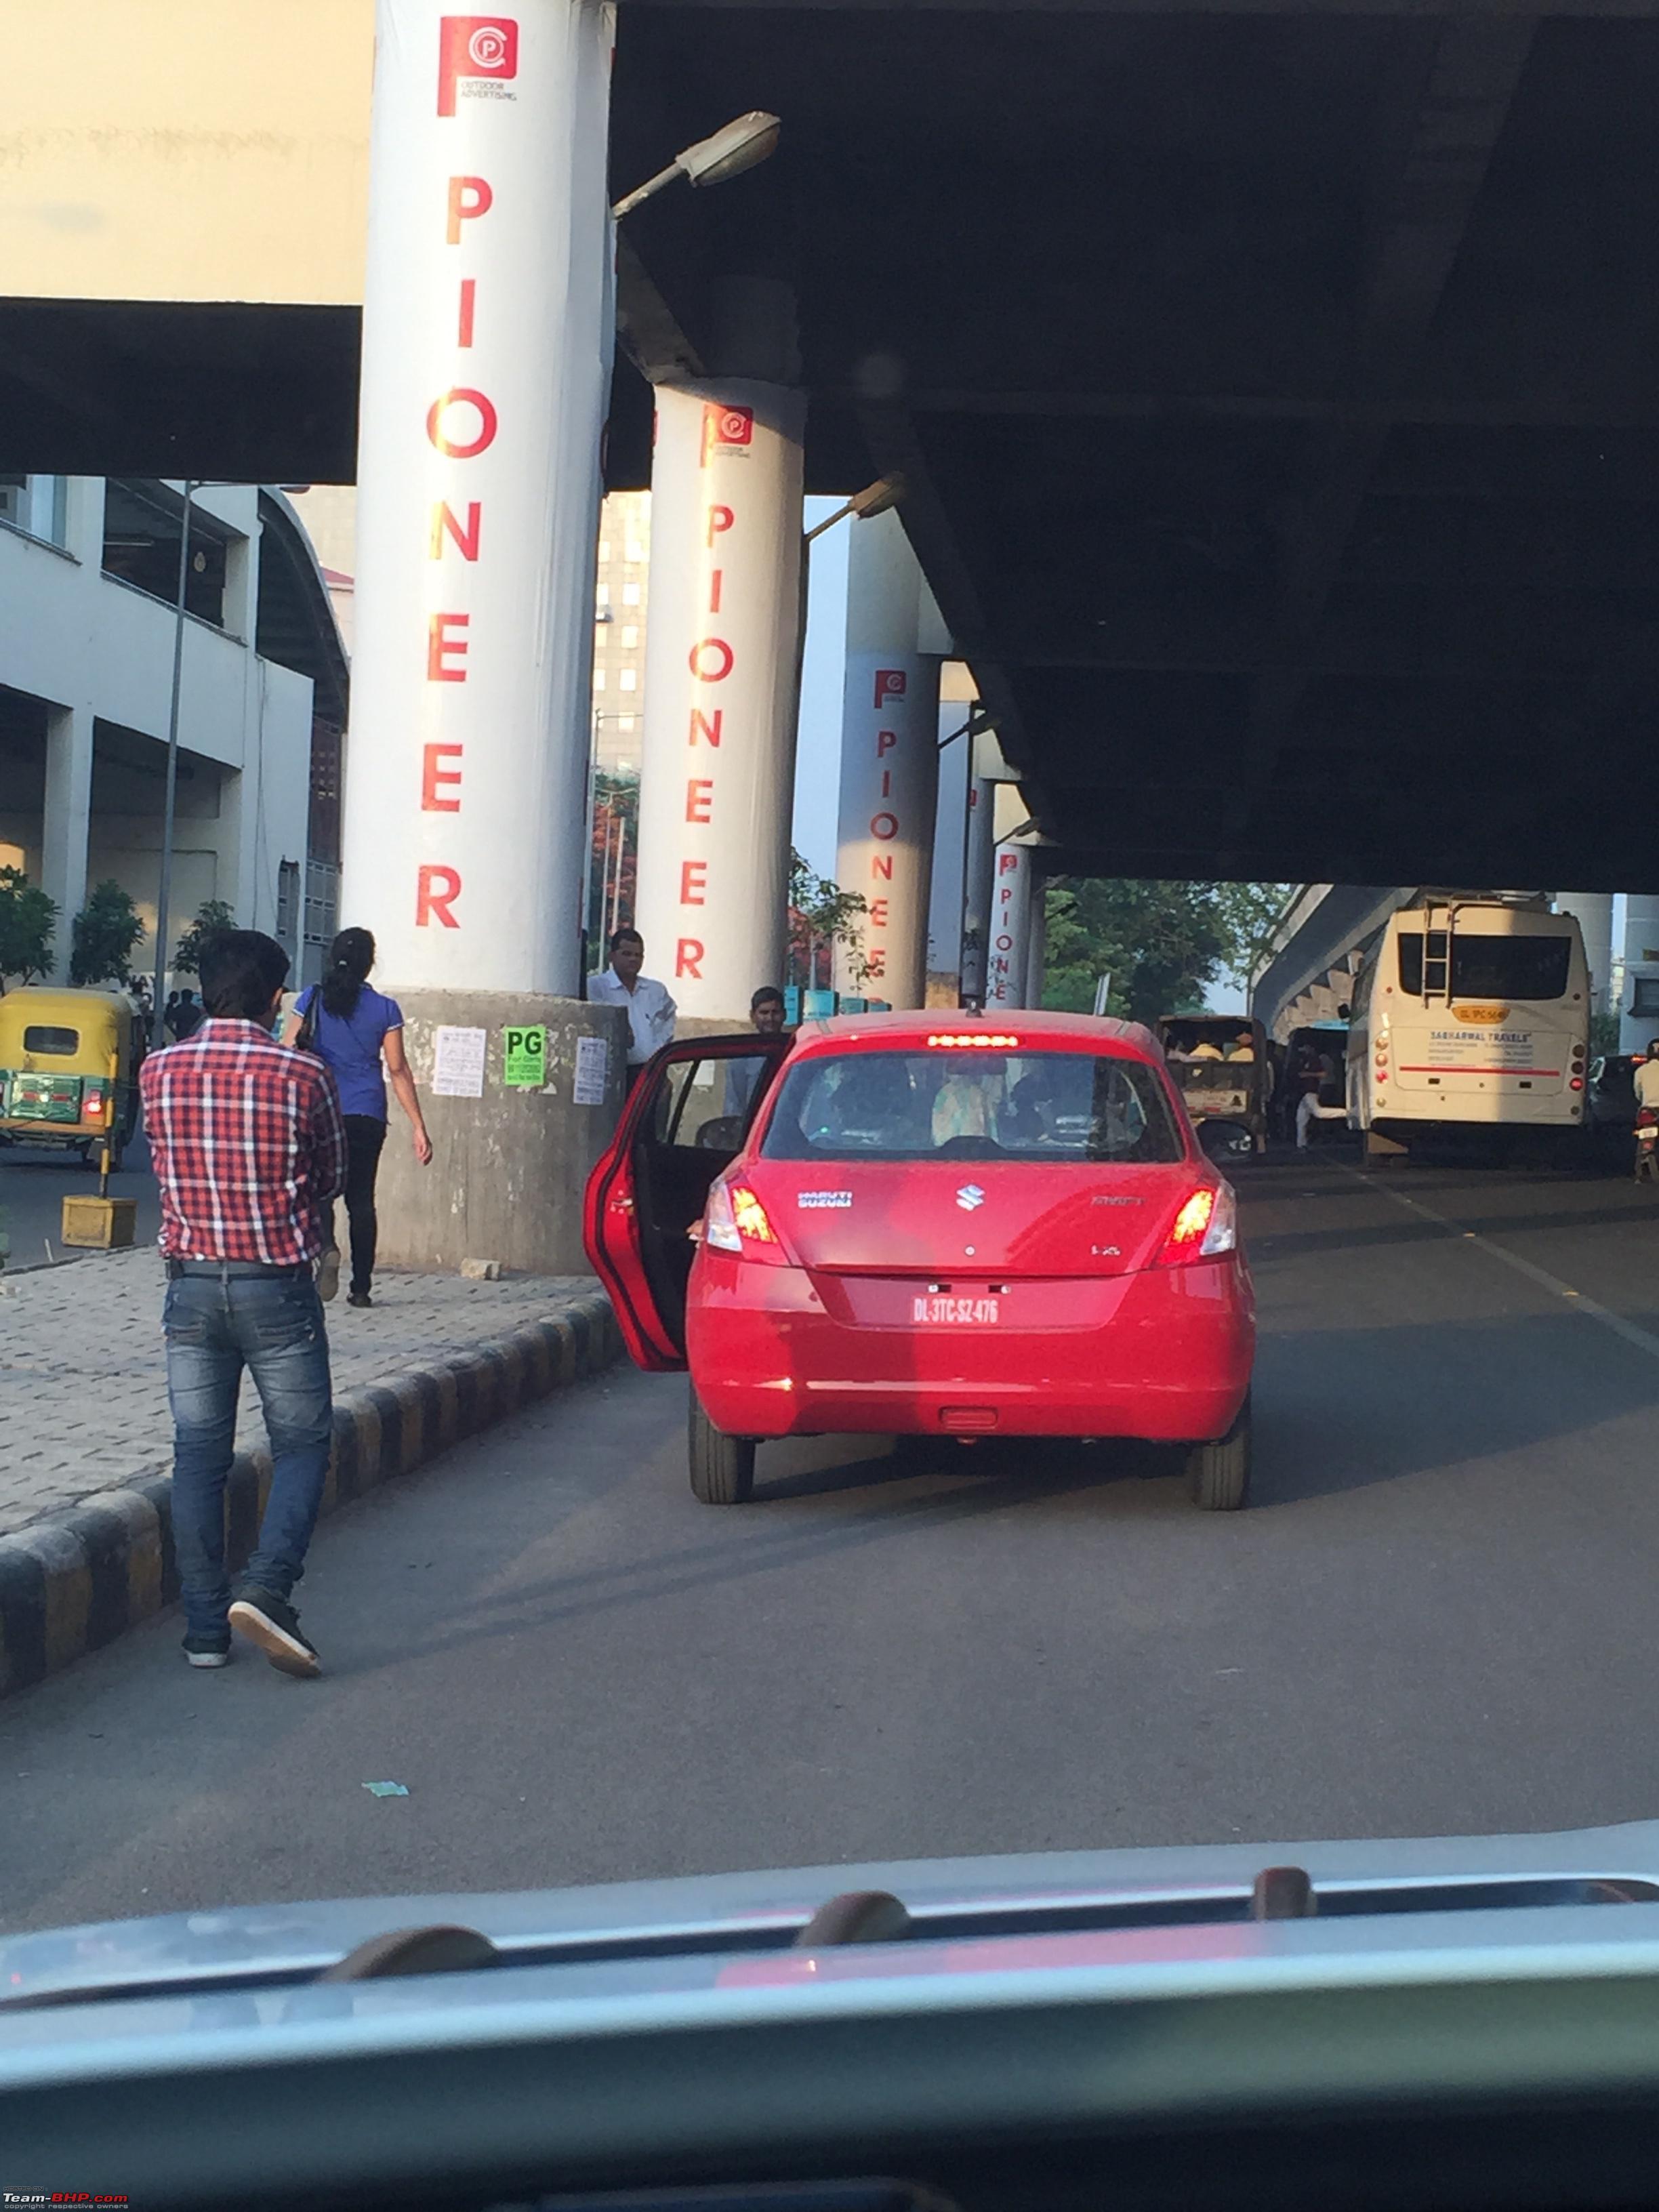 Suzuki Swift Used As Taxi (3)